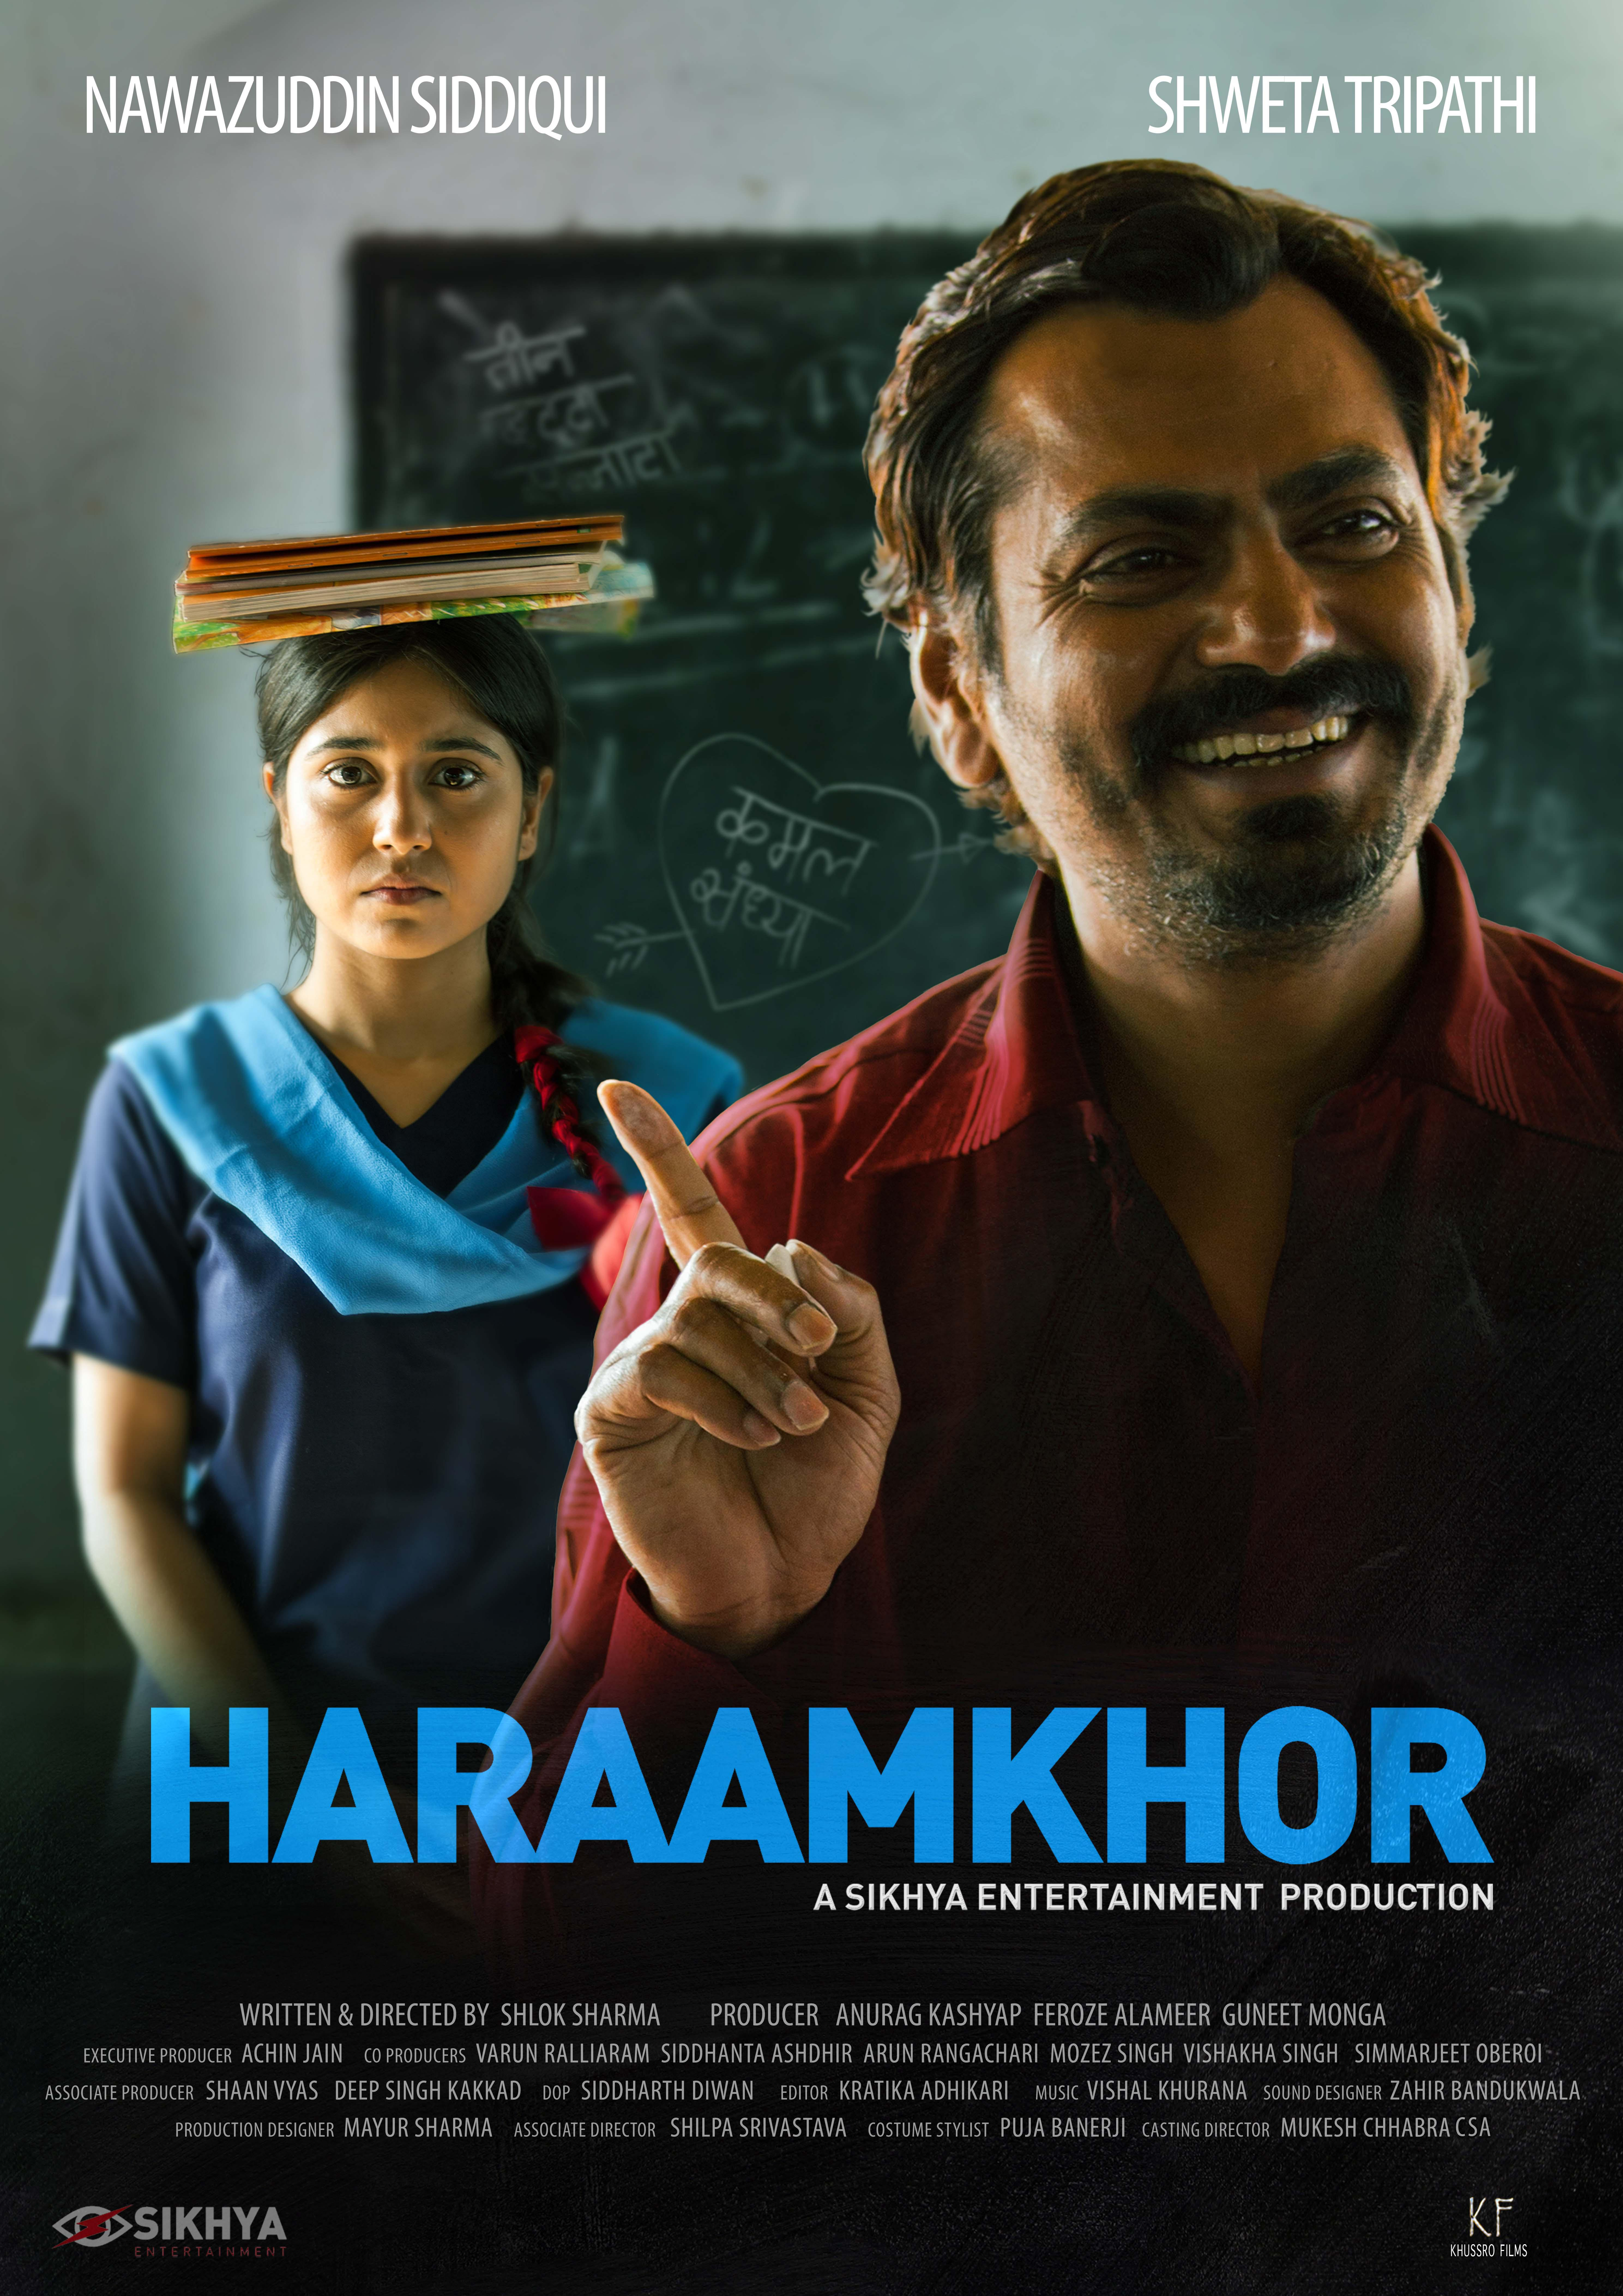 Haramkhor Movie Review Hindi